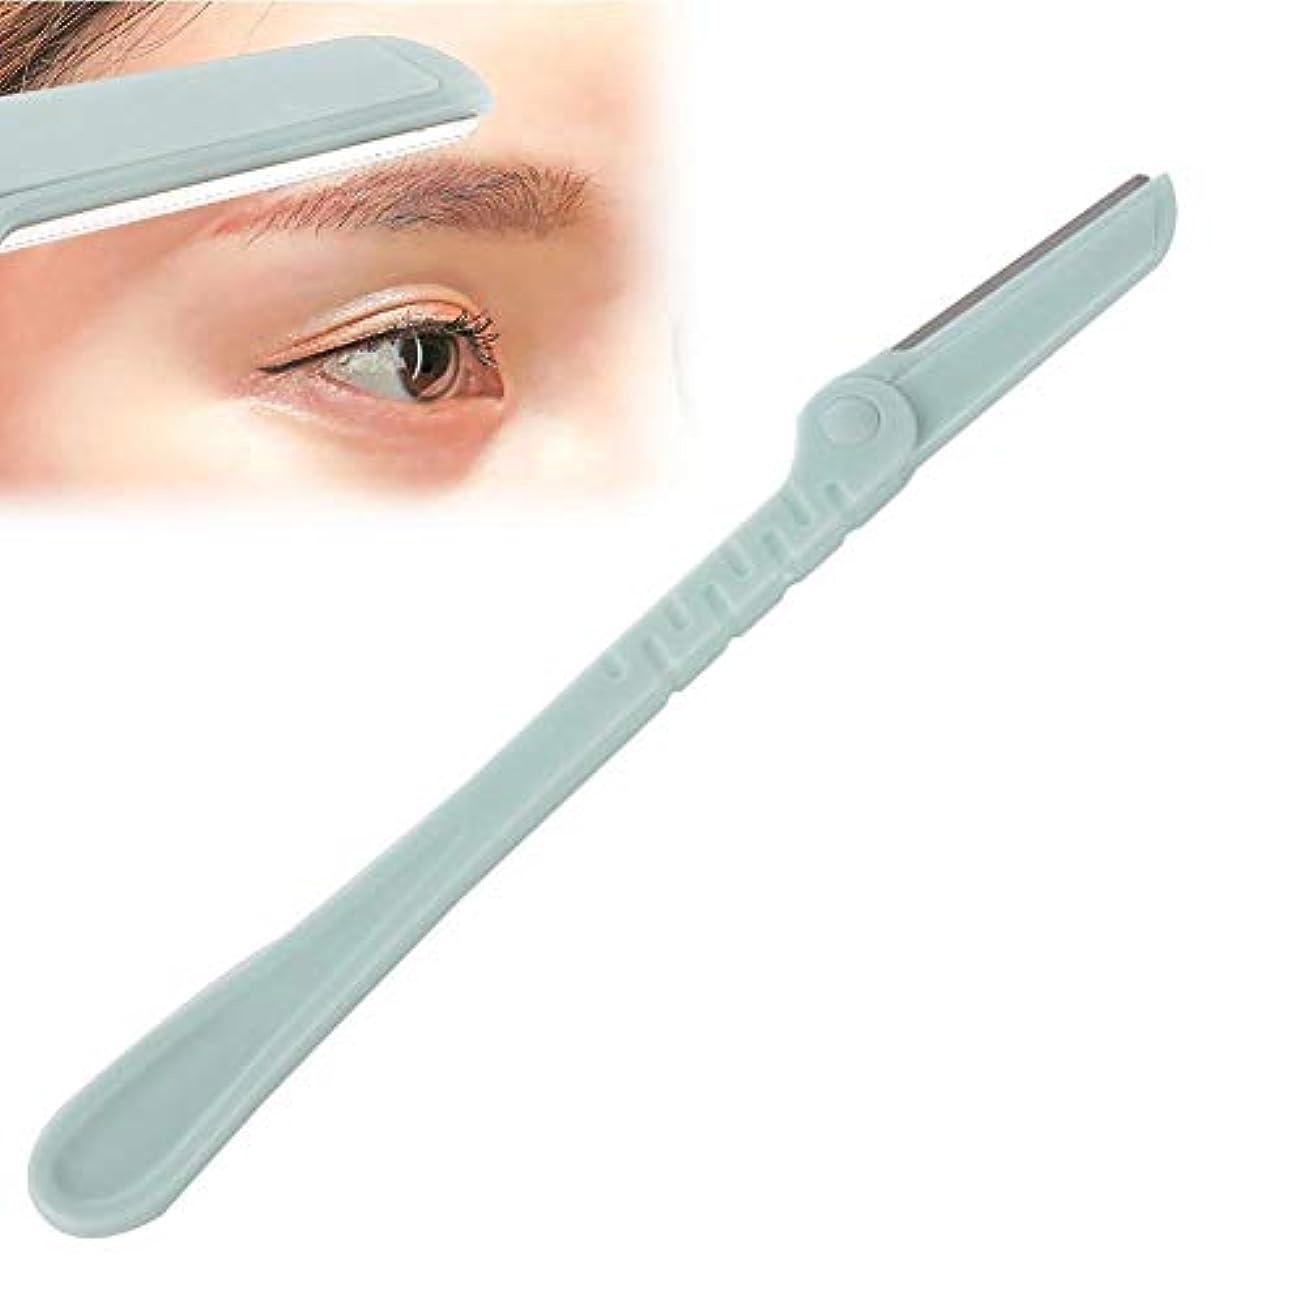 プライム批判フェデレーション1ピース眉毛カミソリ化粧道具 - 女性と男性の顔のリムーバー、眉毛カミソリの顔かみそりのヘアトリマーヘアトリマーのための美しい眉毛